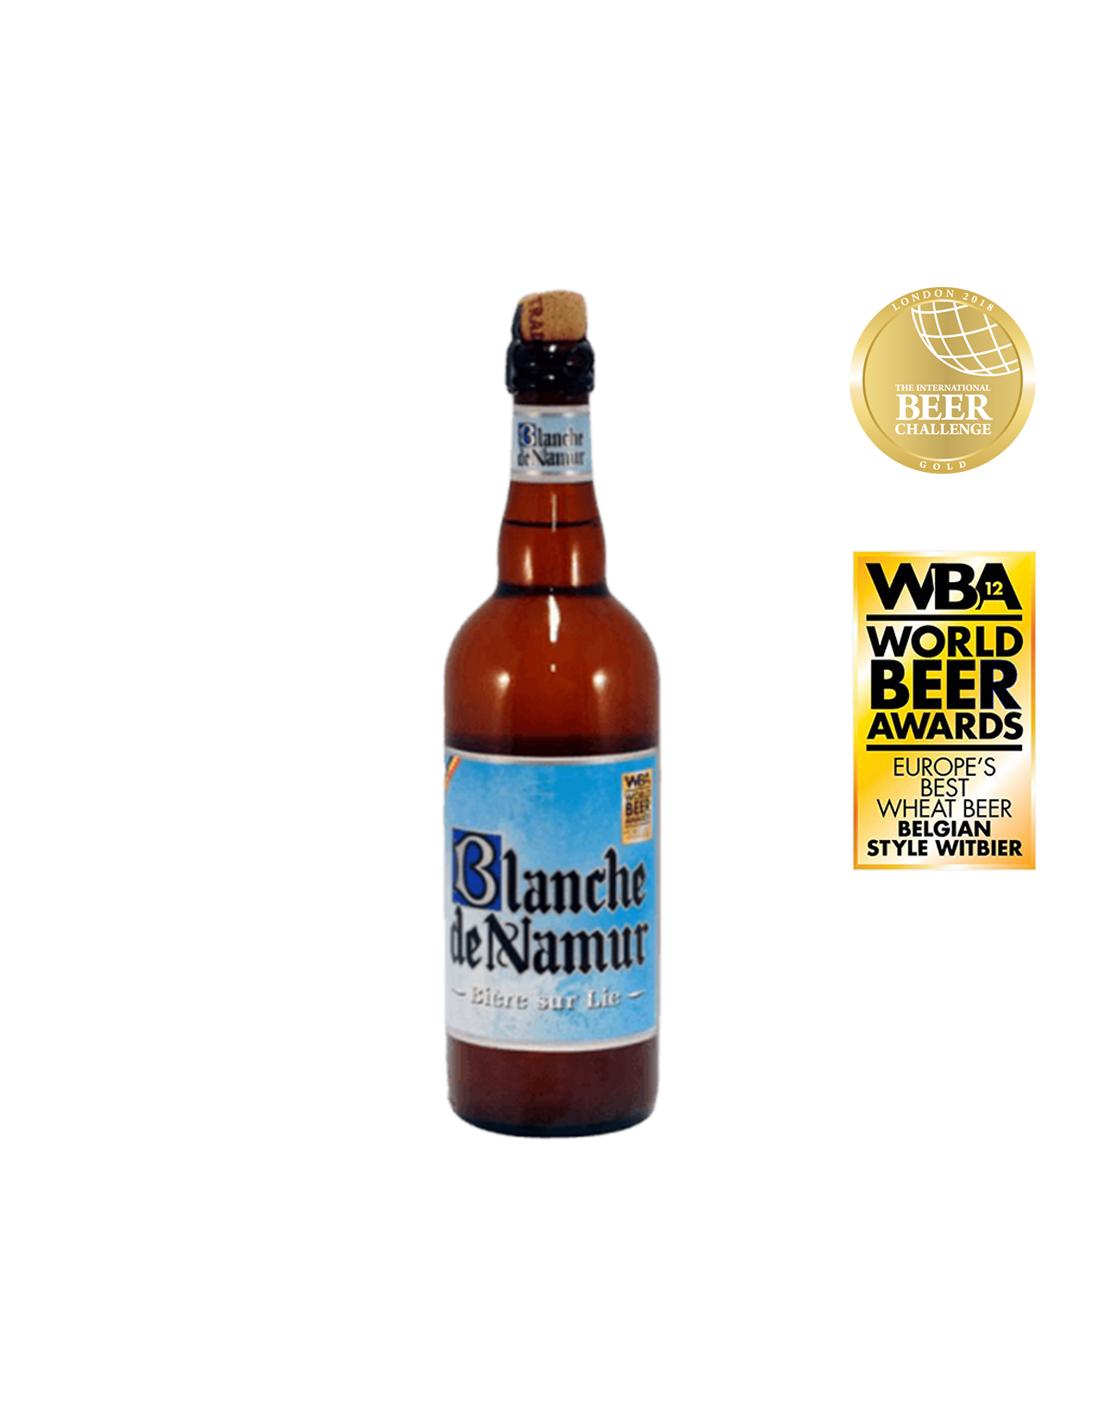 Bere blonda, nefiltrata Blanche De Namur, 4.5% alc., 0.75L, Belgia